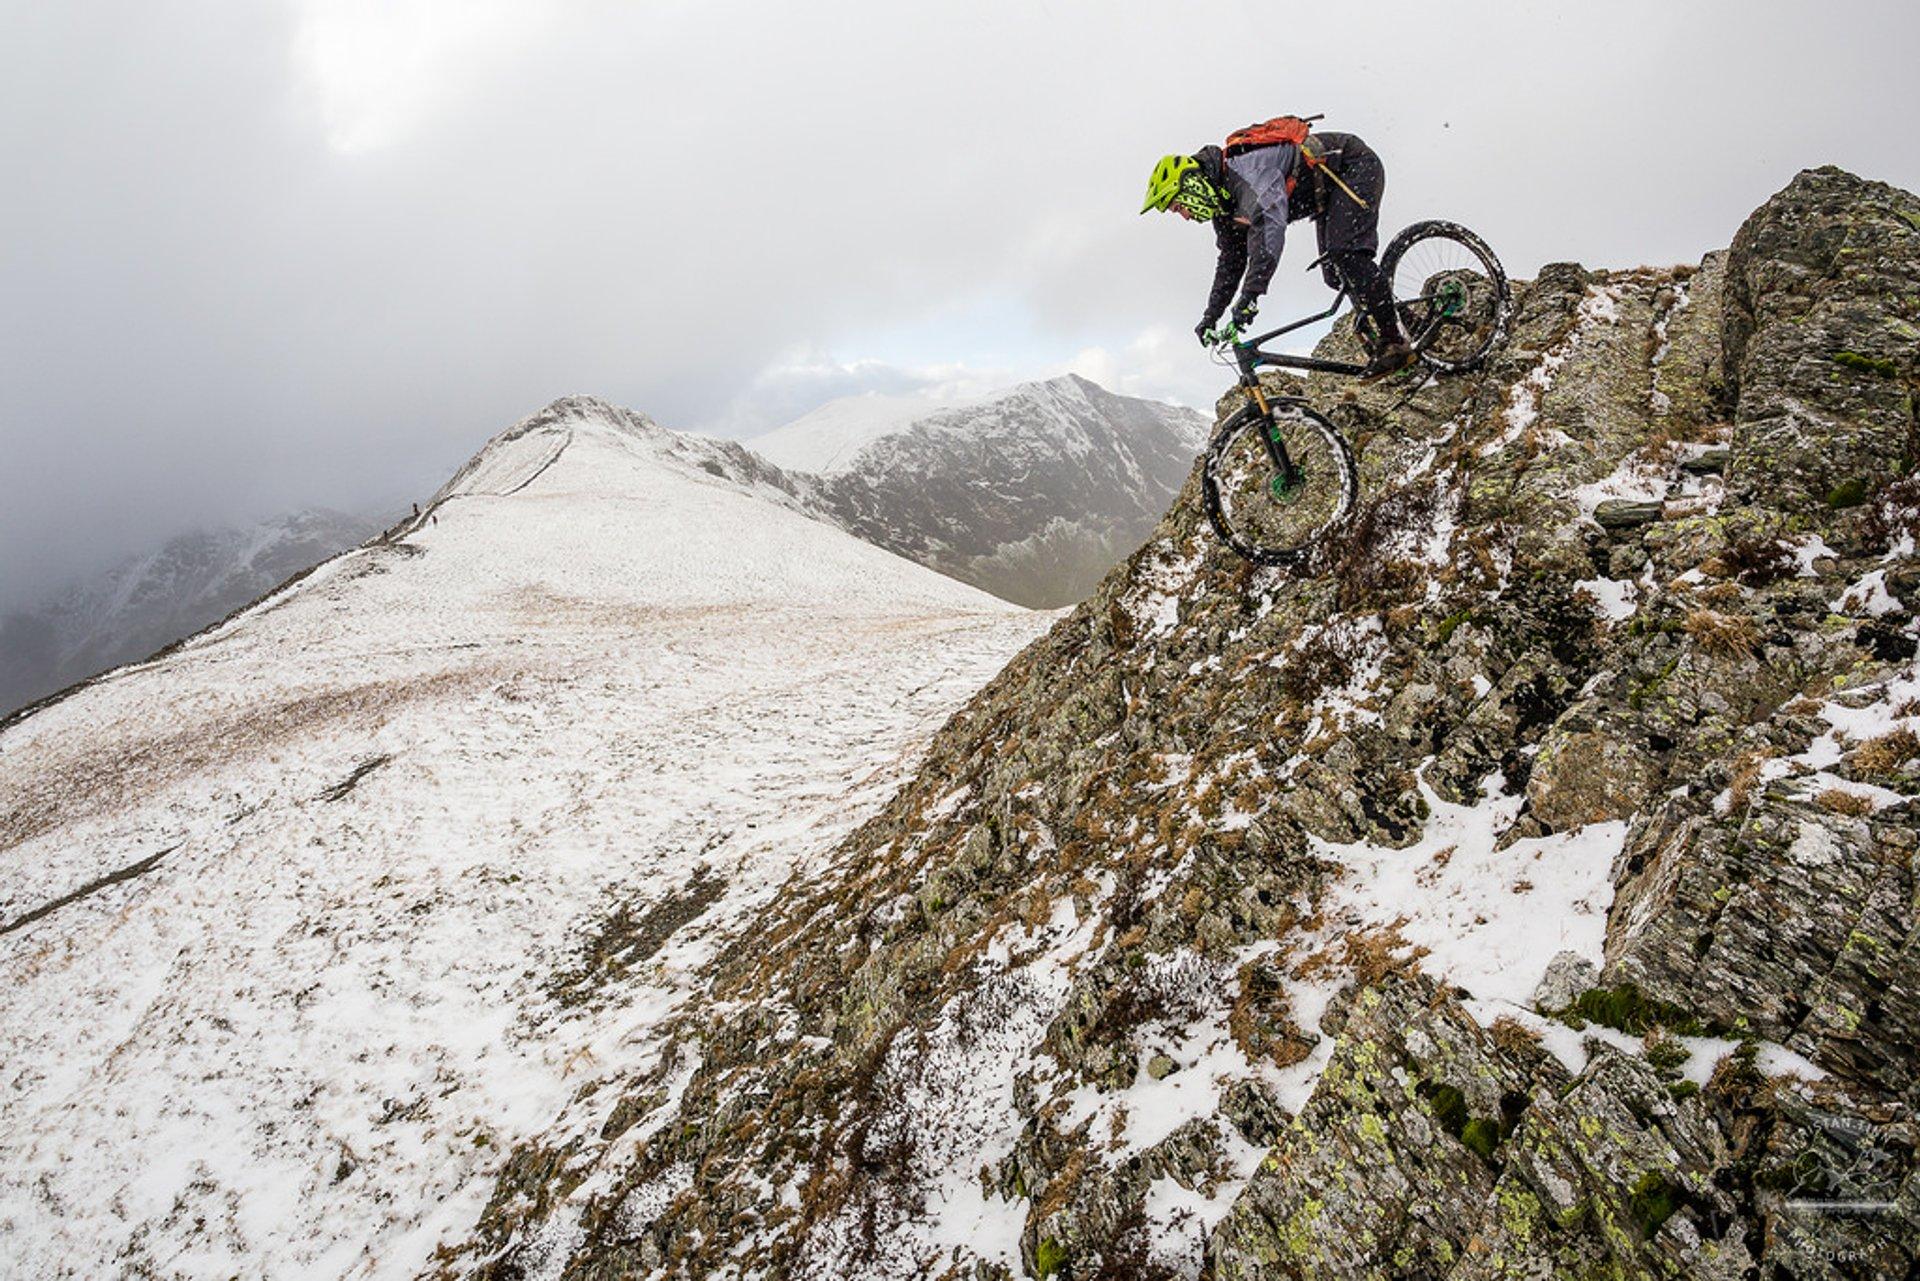 Winter Mountain Biking in England 2019 - Best Time